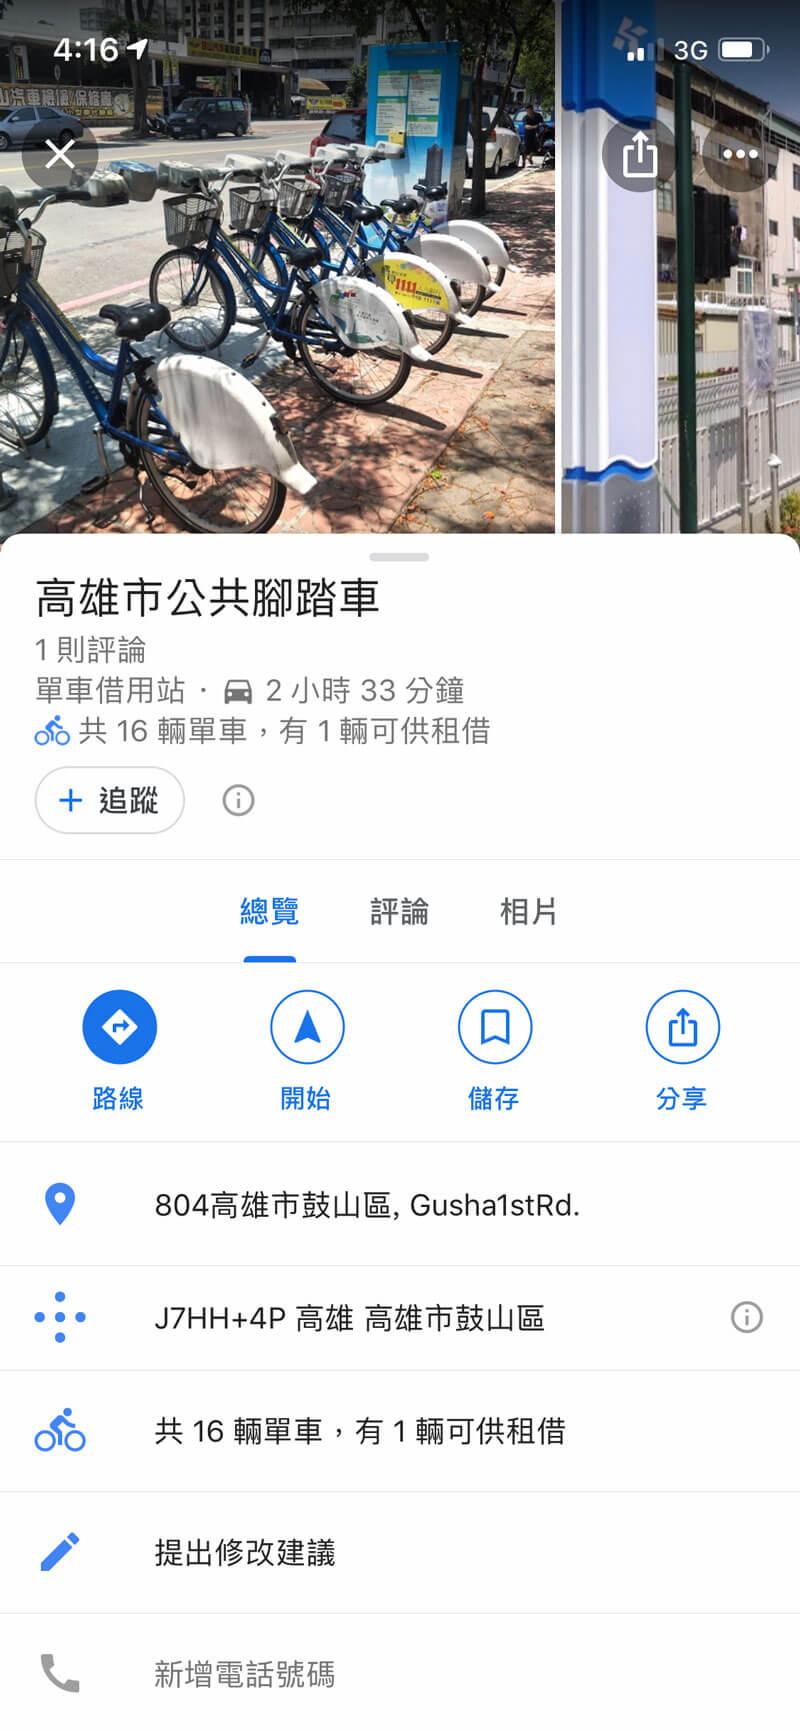 如何使用Google Maps查詢YouBike和公共腳踏車剩餘數量4